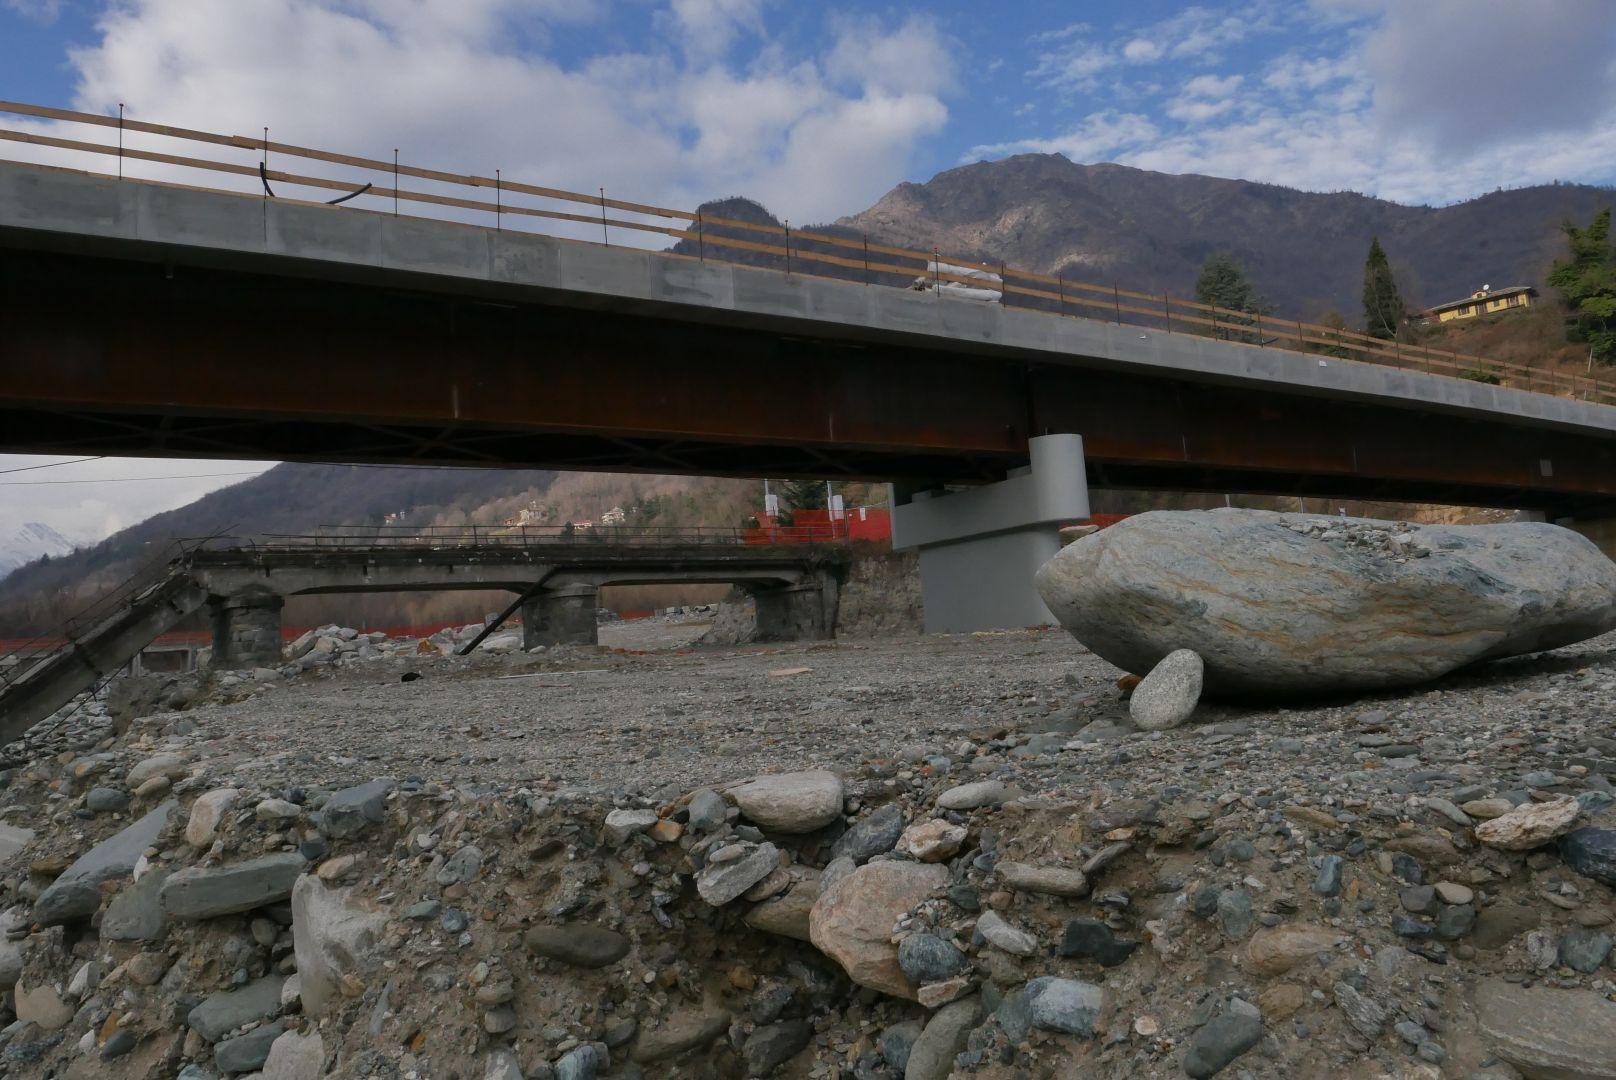 Sabato 27 luglio taglio del nastro per il nuovo ponte della Bertenga, a Torre Pellice